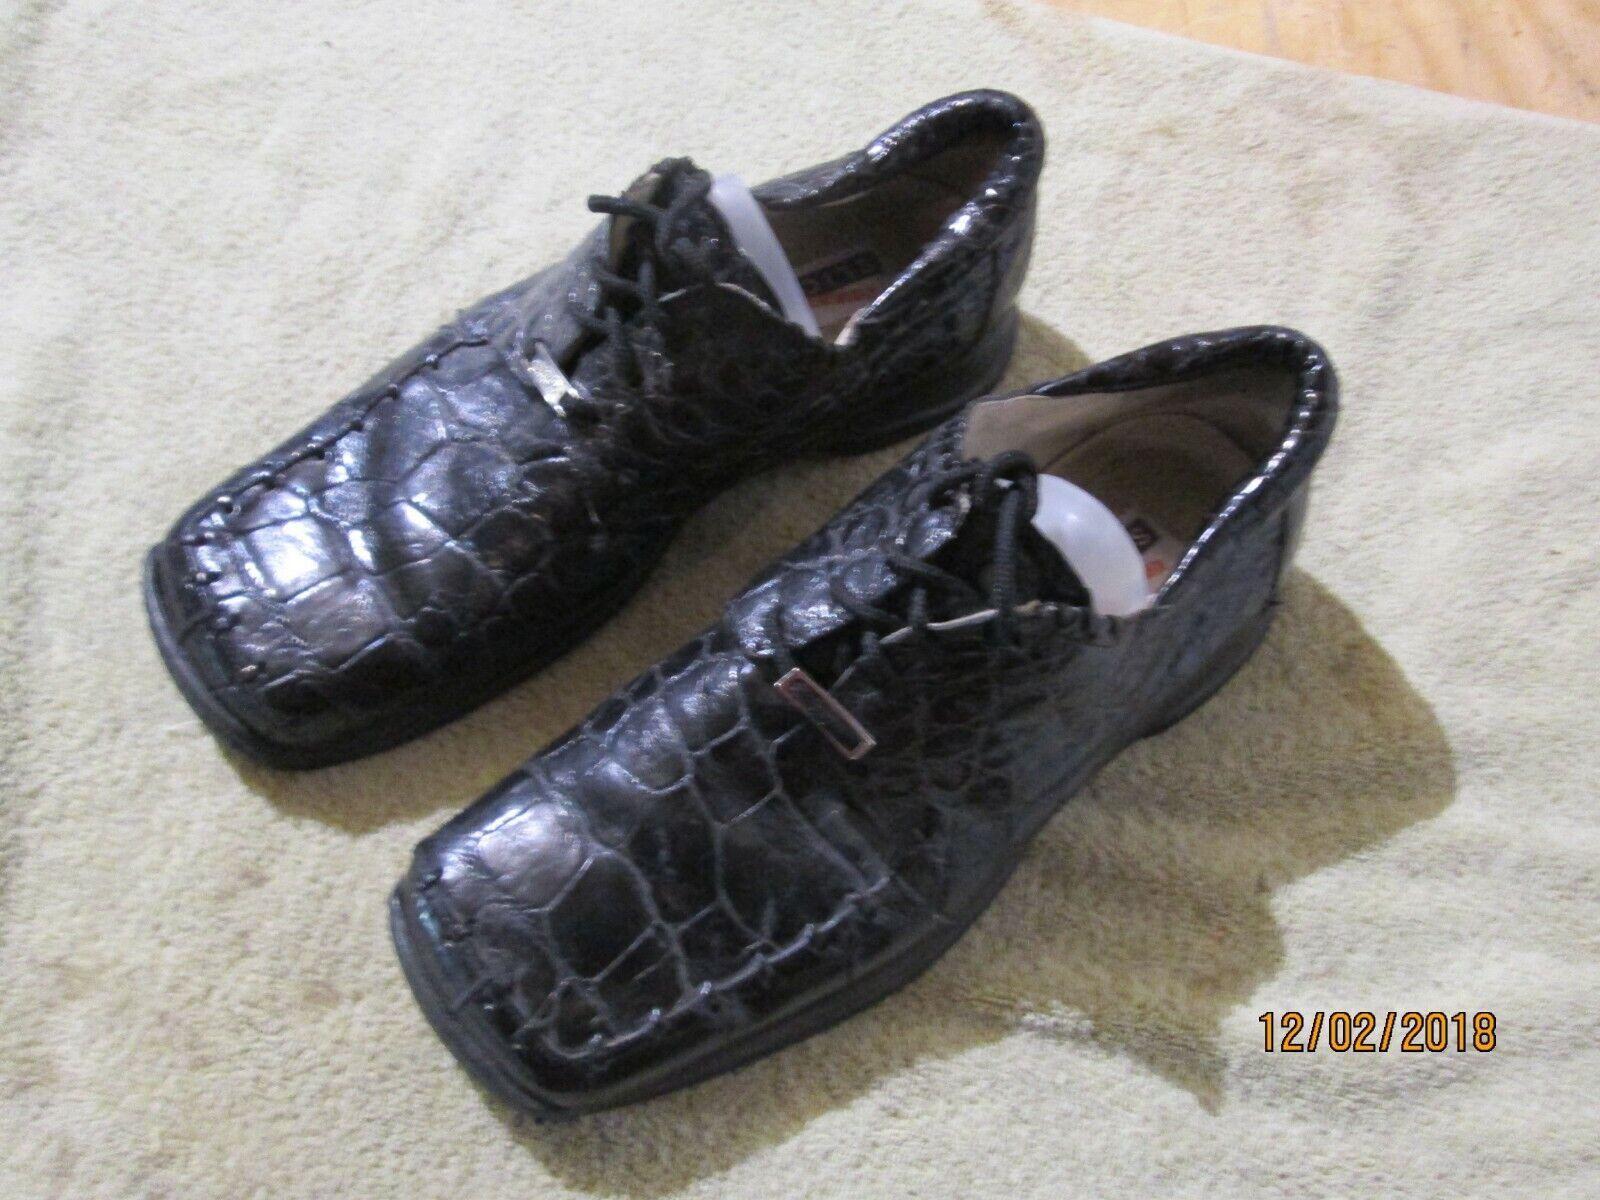 connotazione di lusso low-key Mauri For City Slicker Alligator Alligator Alligator Uomo scarpe made in italy Dimensione 10  Sconto del 70% a buon mercato